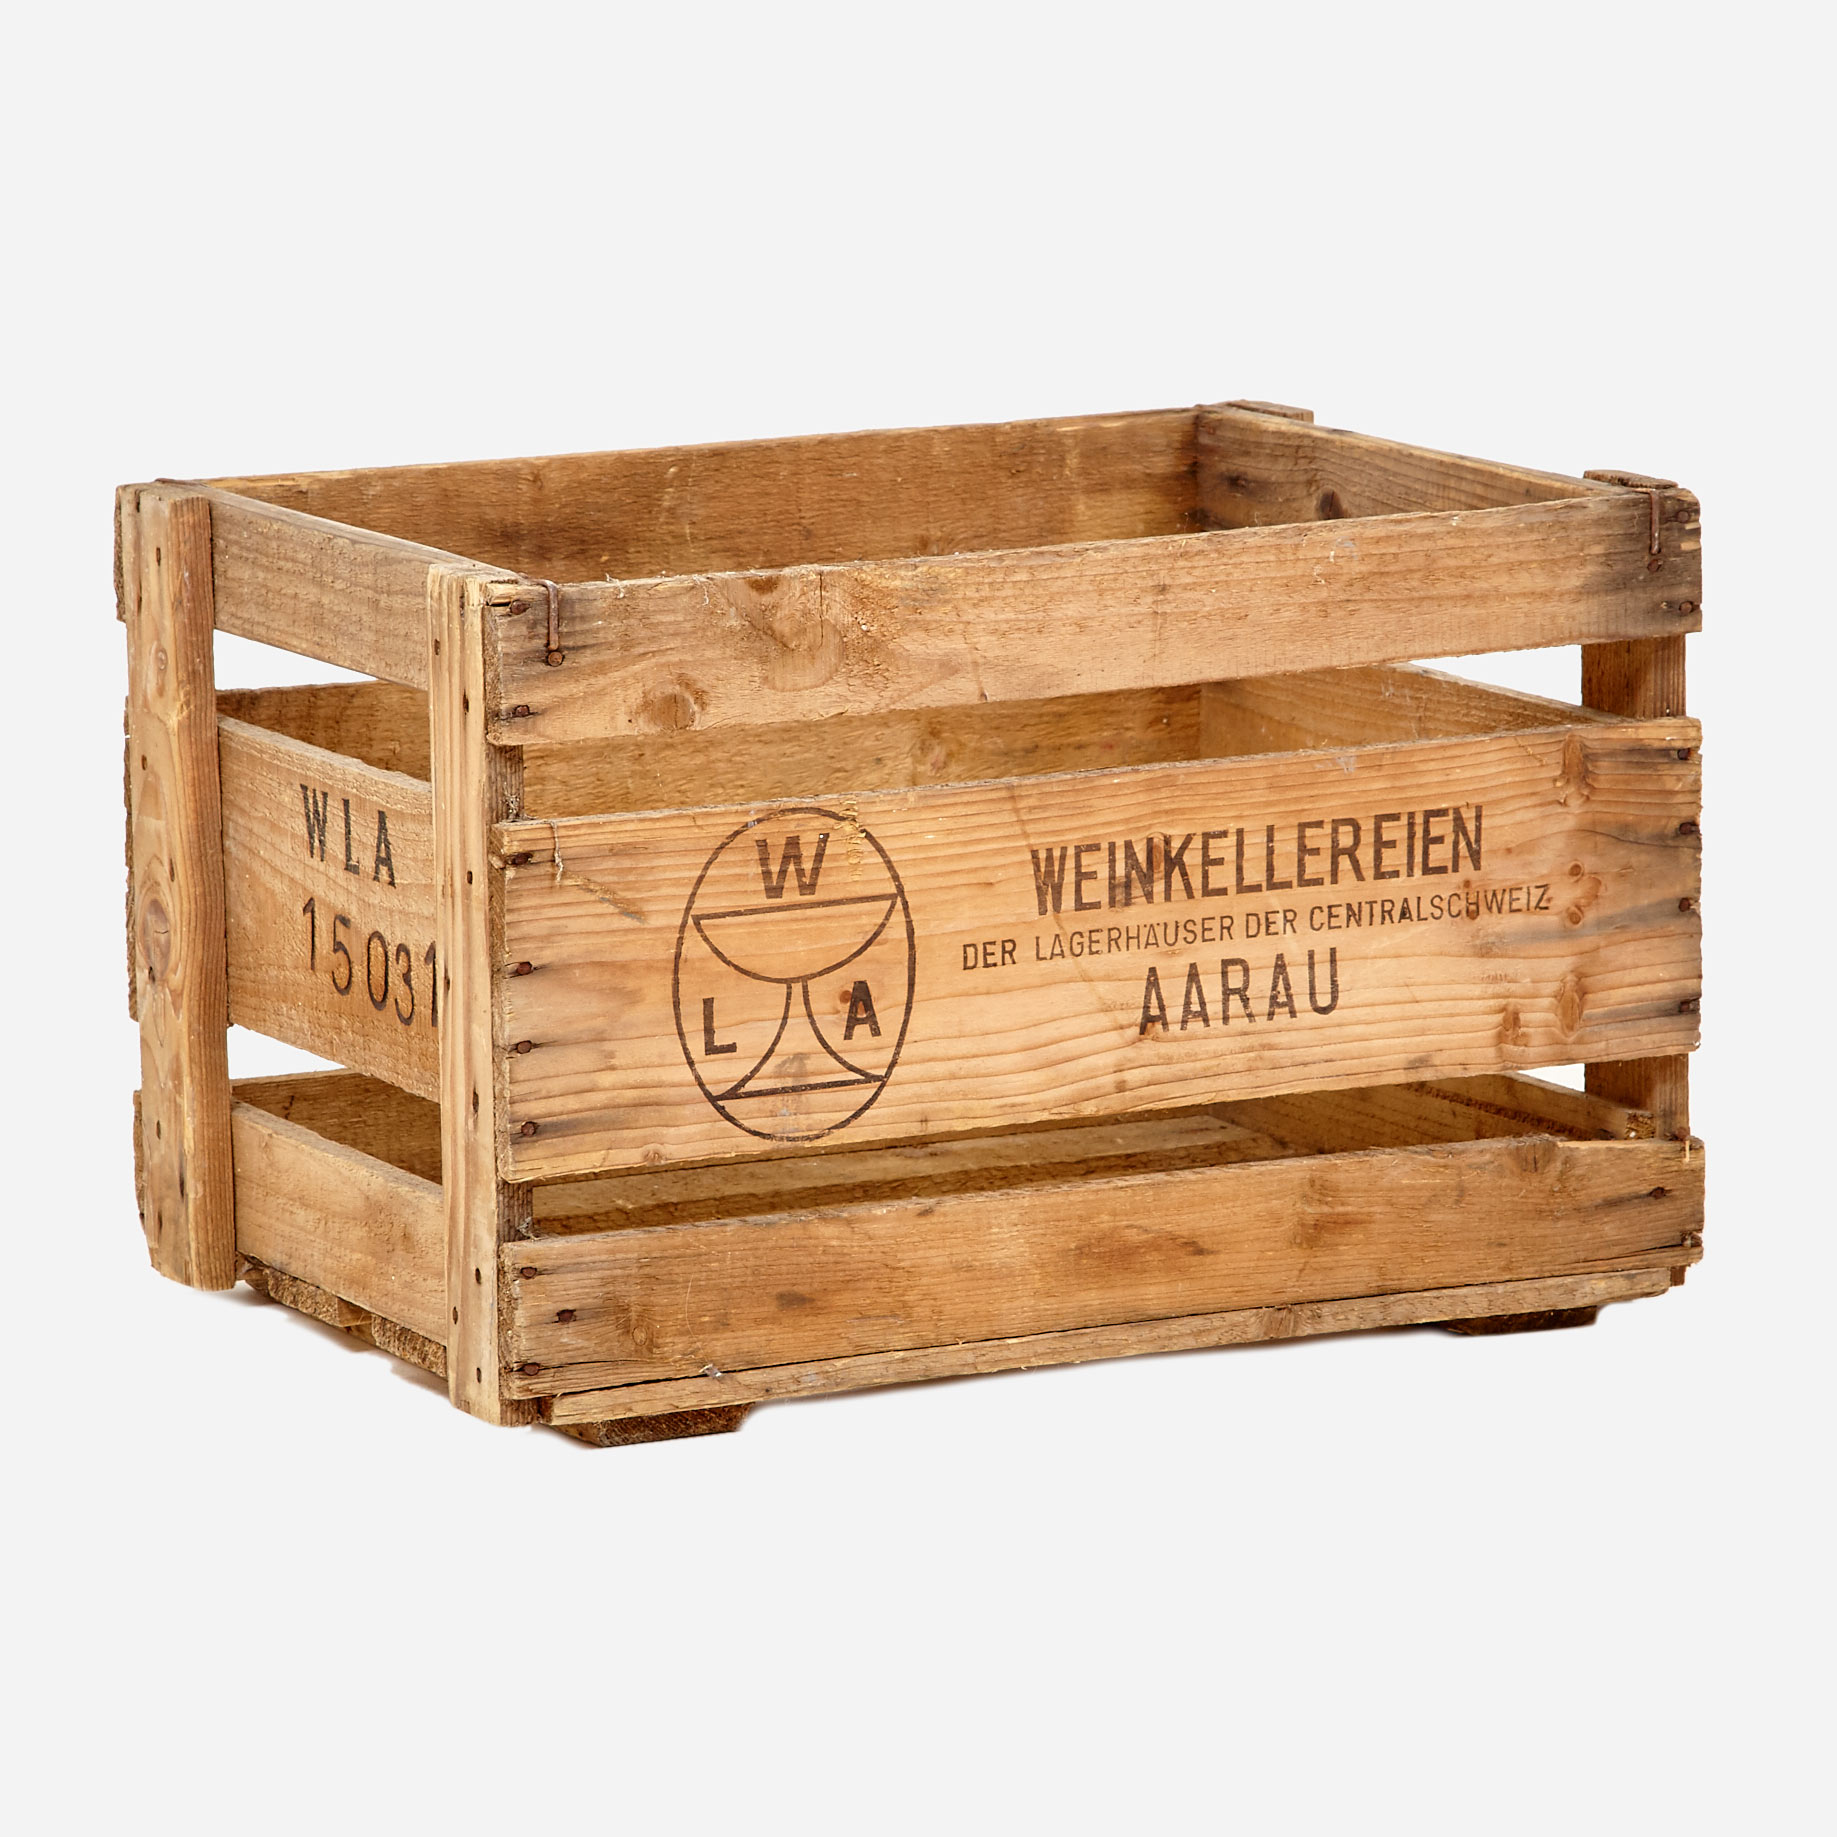 Holzkiste Weinkellereien Der Centralschweiz Aarau Möbel Zürich